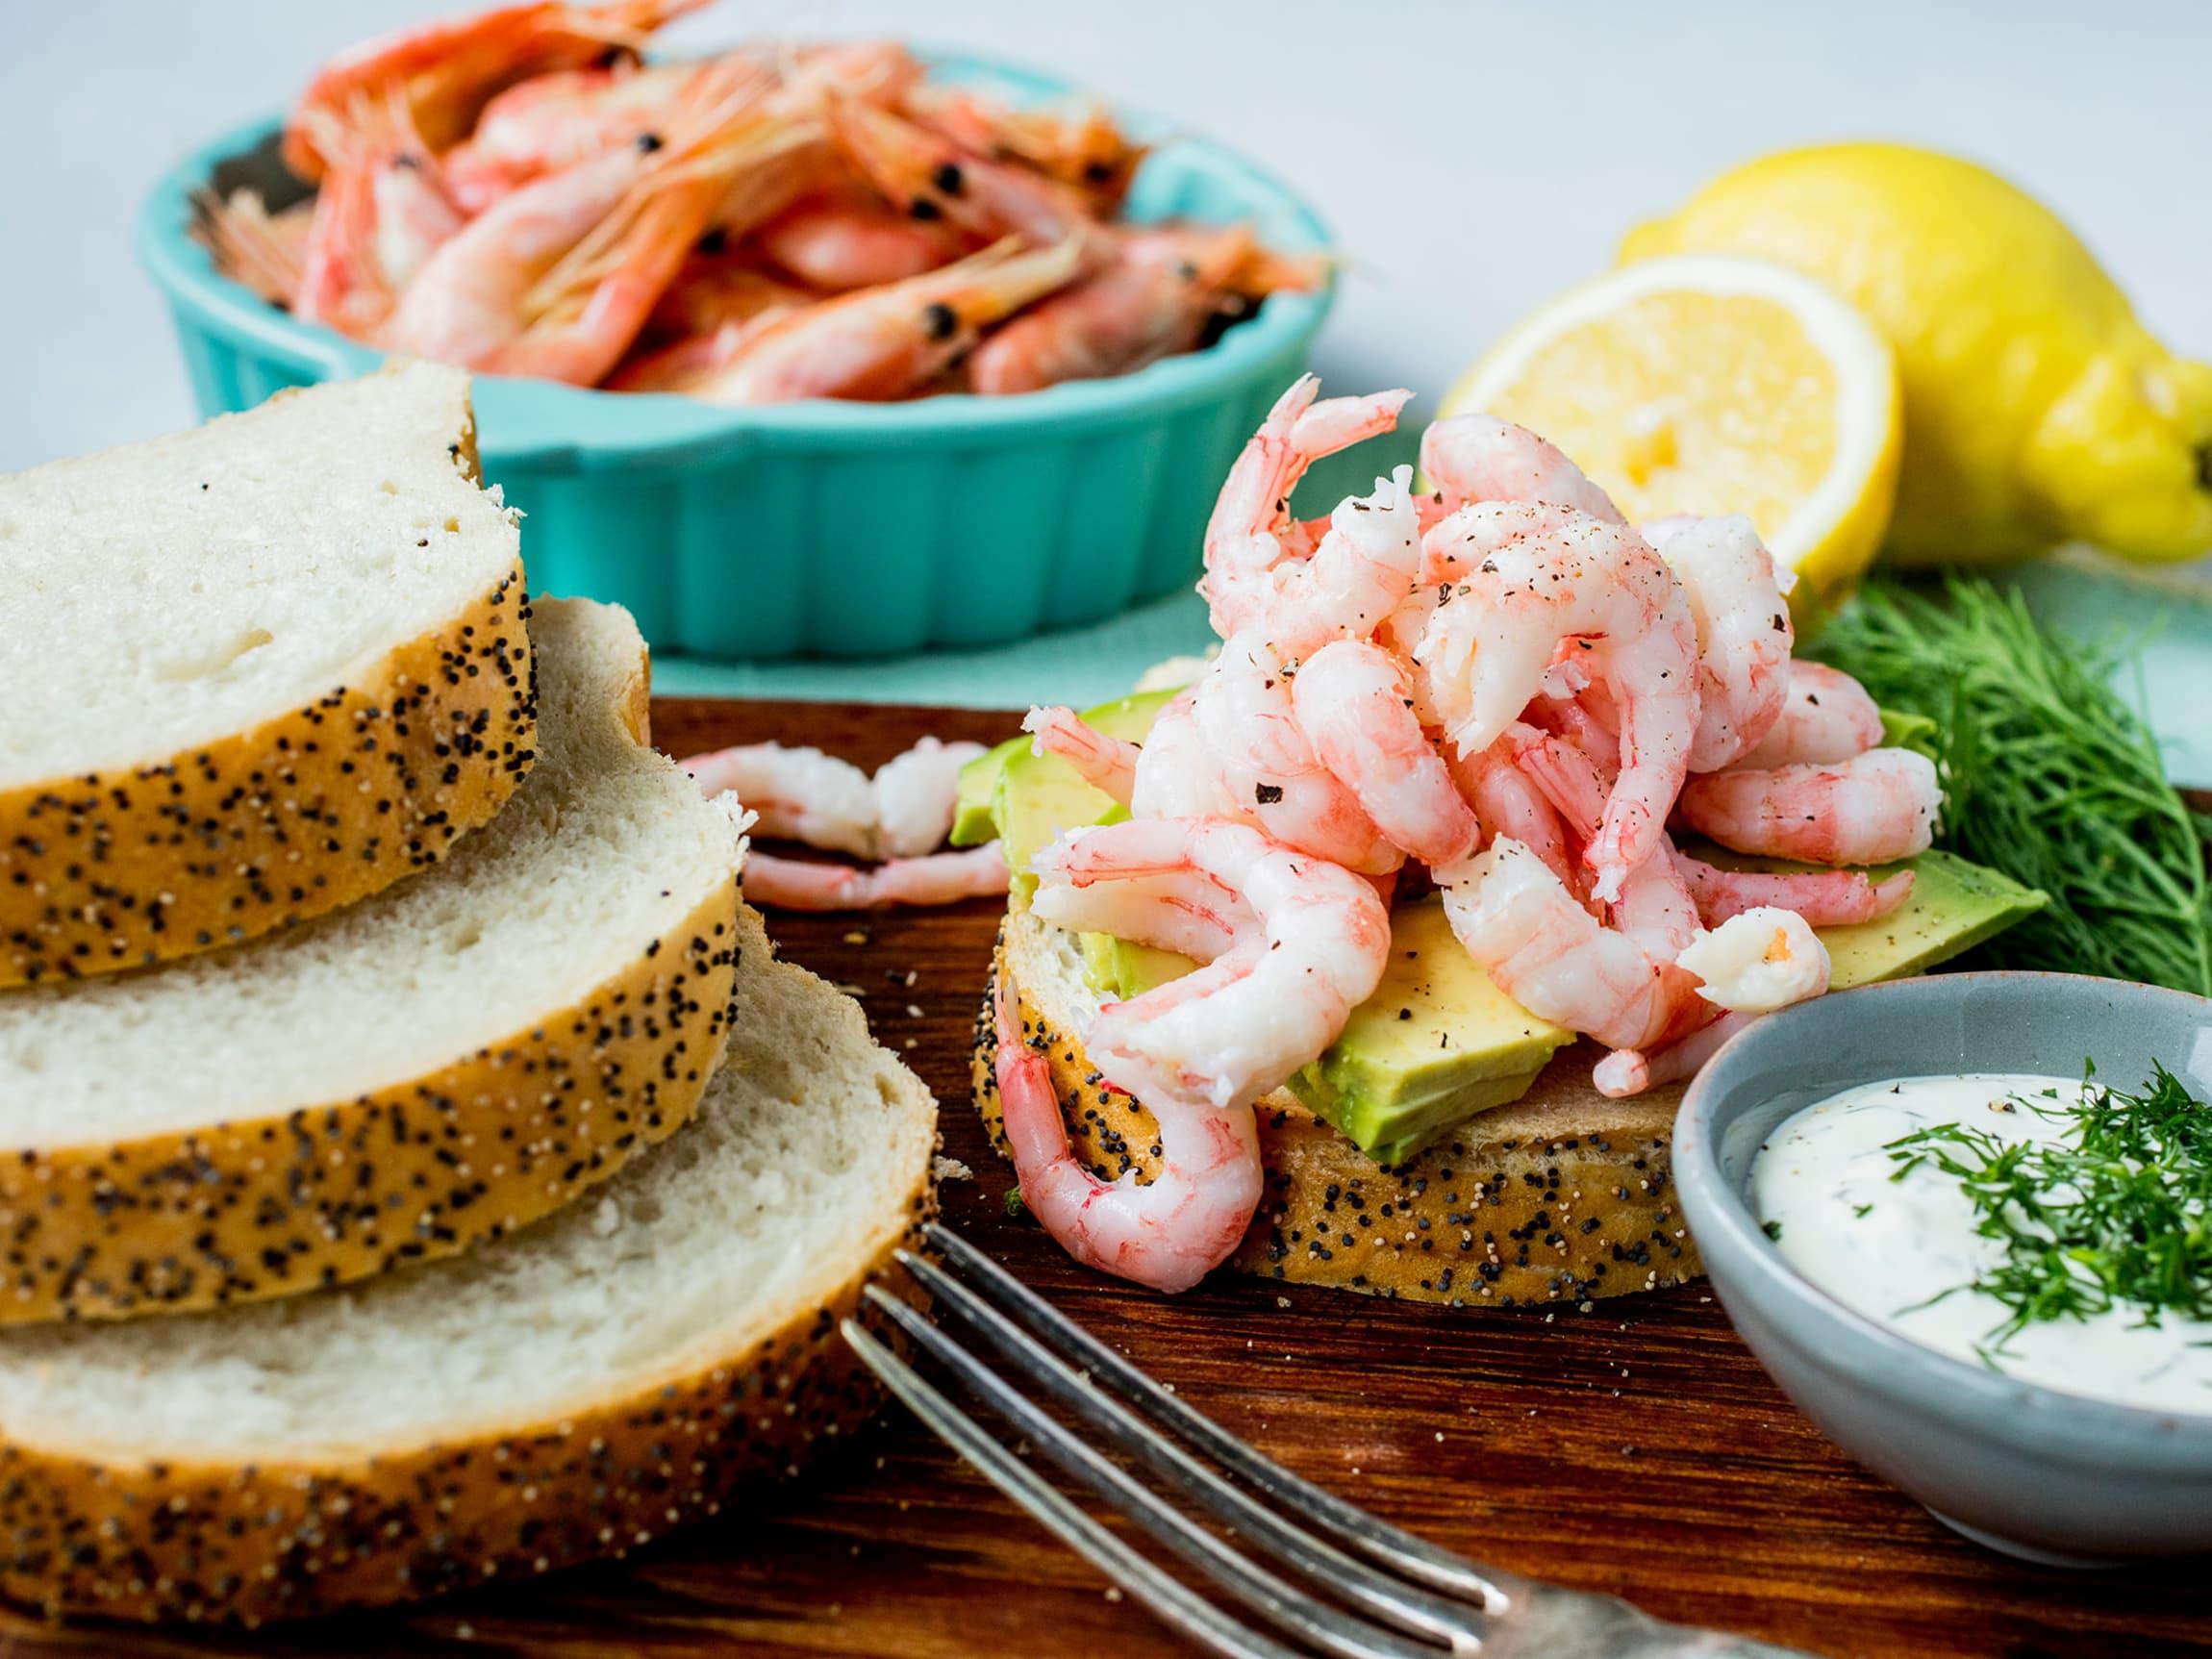 Reker har en søt, frisk og salt smak så tilbehøret blir derfor lett. Prøv deg på en ny vri; reker med avokado er nydelig.